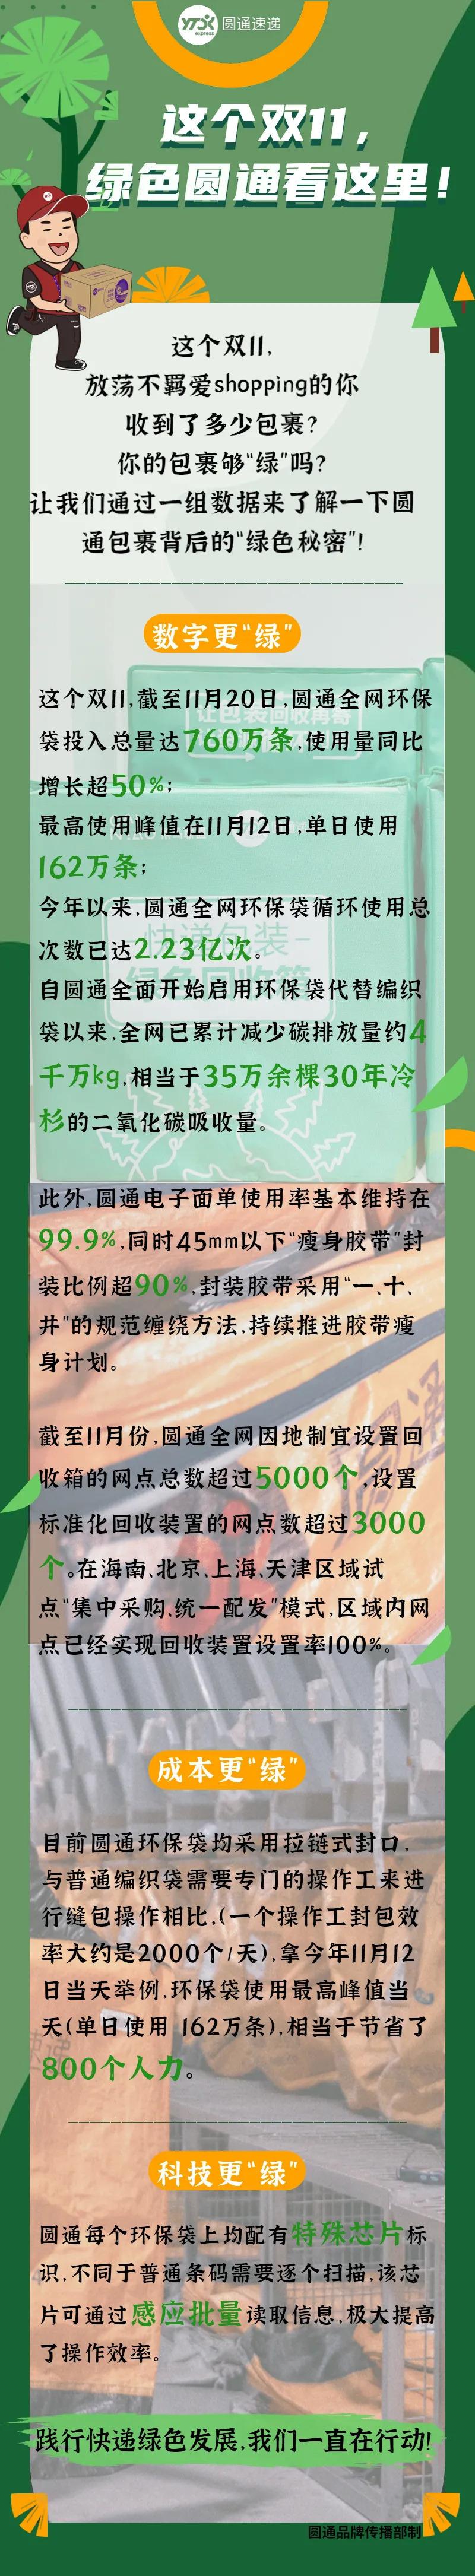 圆通:双11环保袋投入量达760万条,使用量增长超半